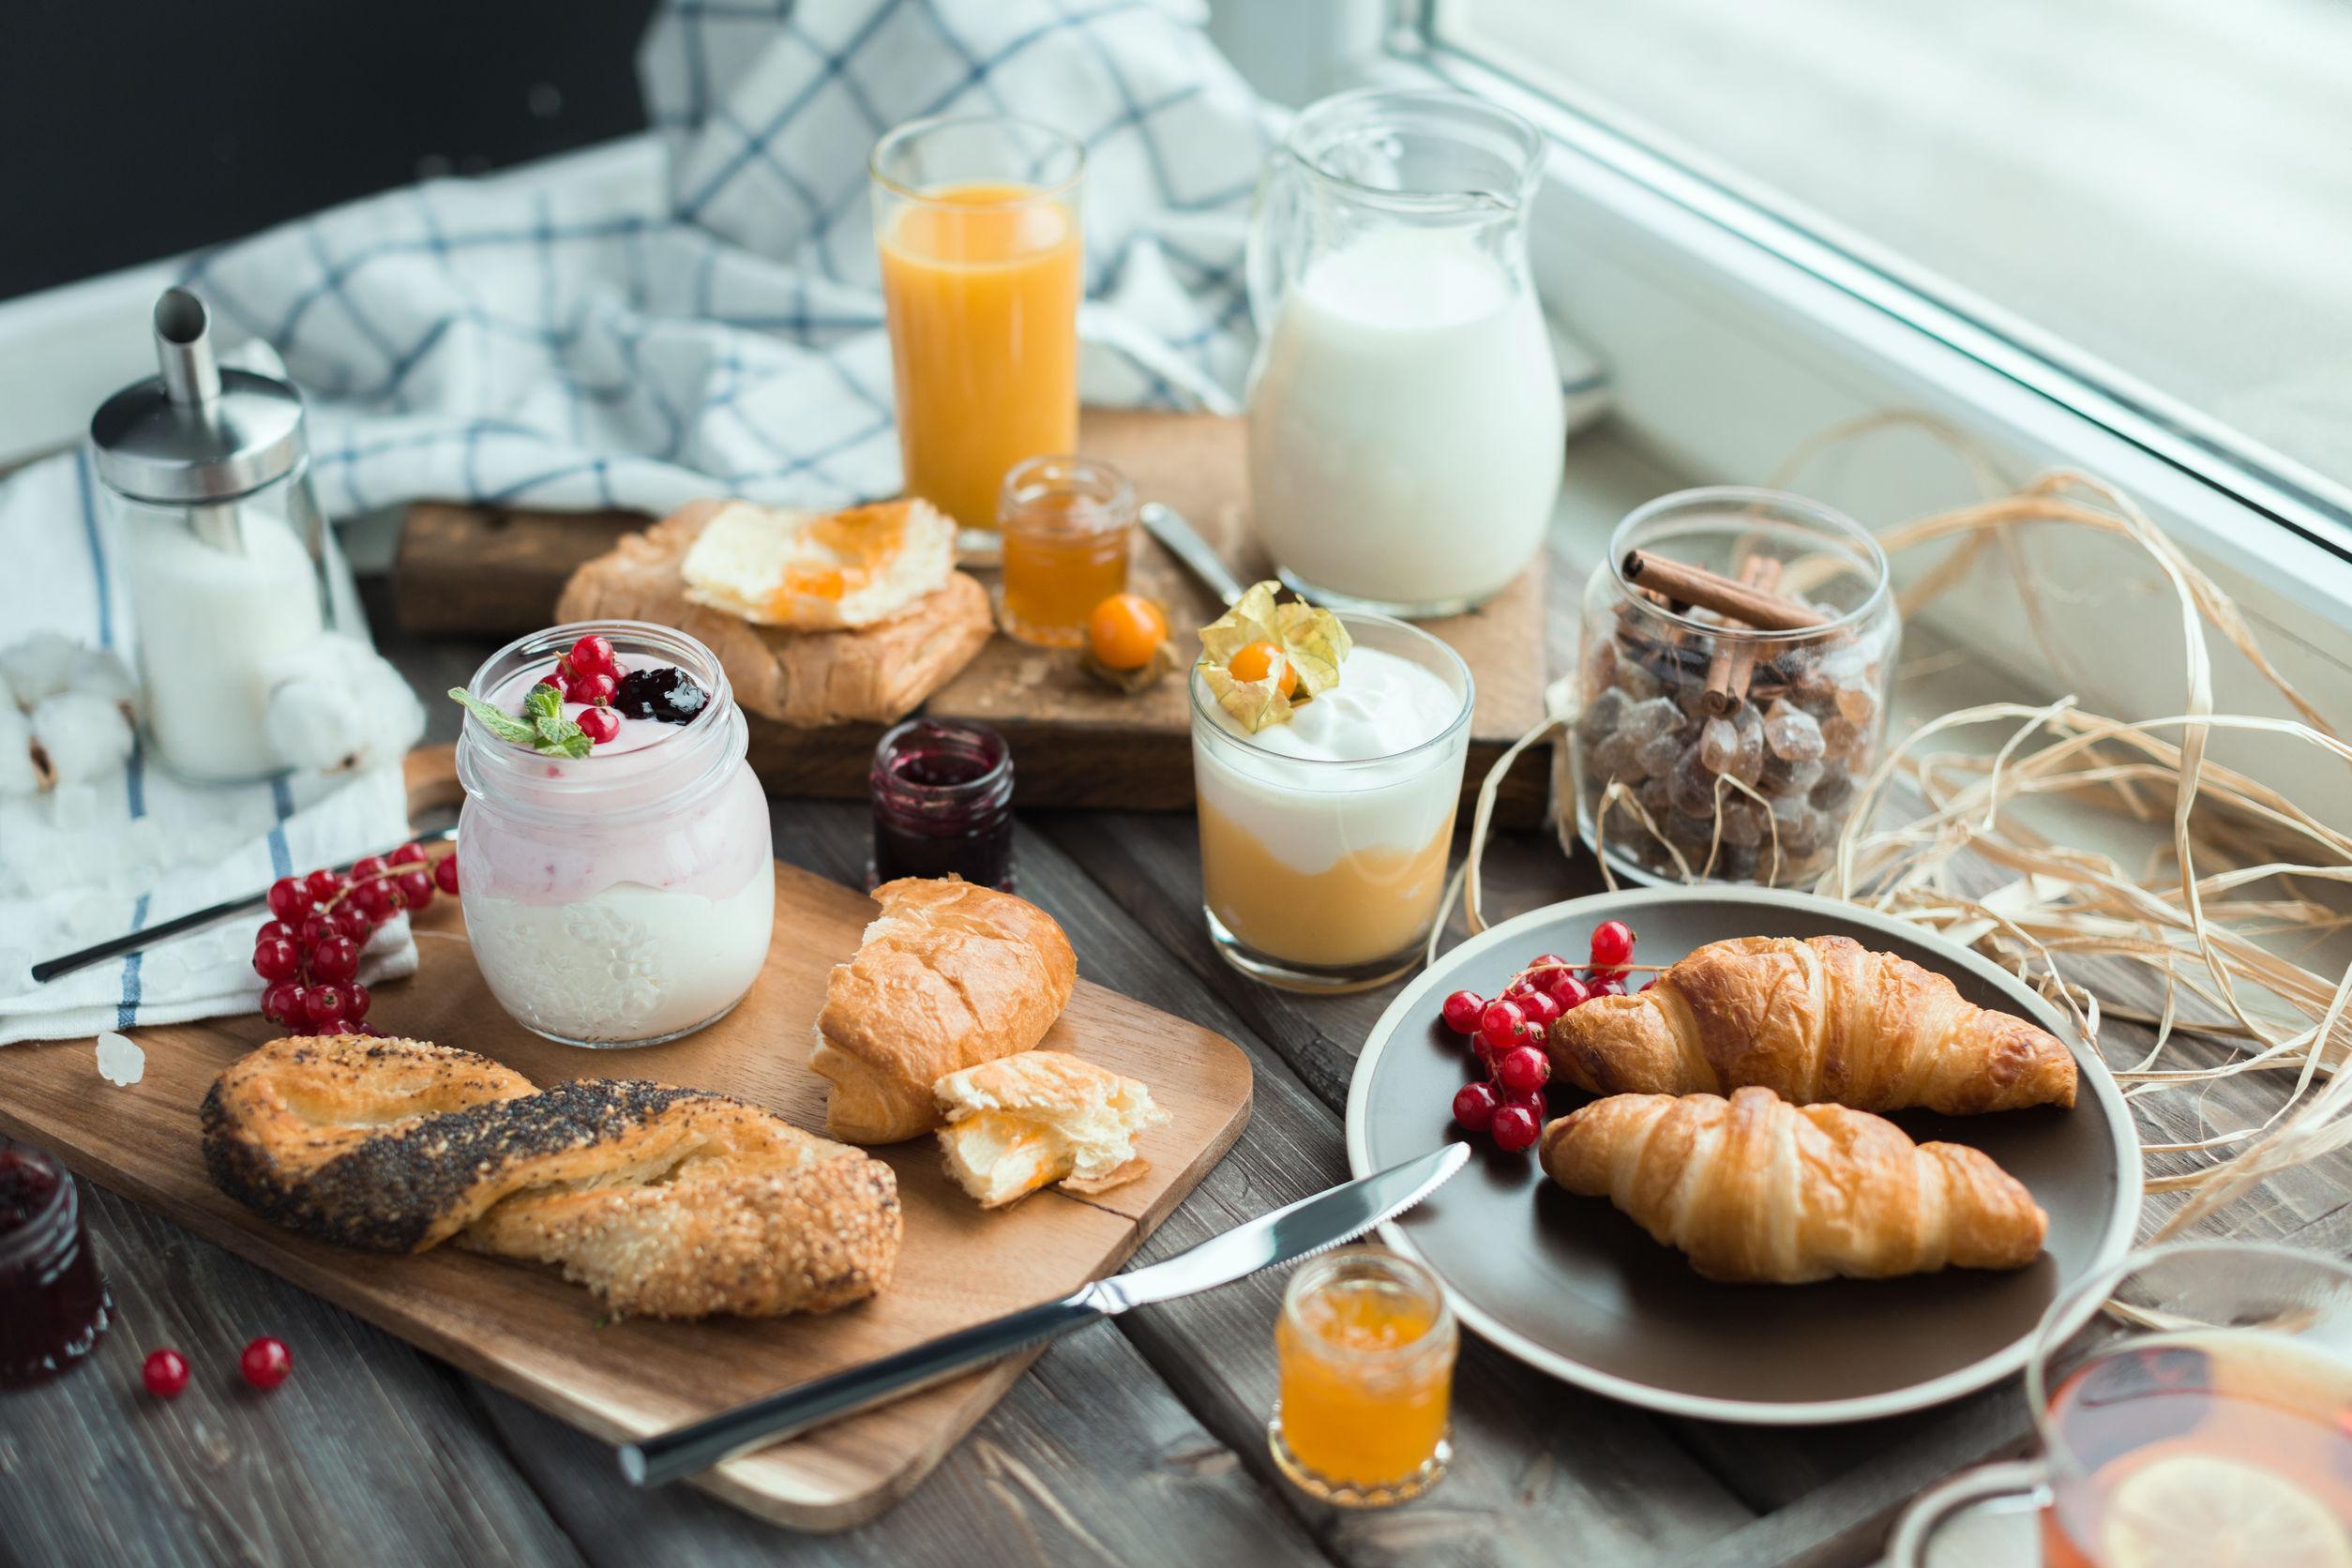 Petit dejeuner. Cum arată un mic dejun în stil parizian